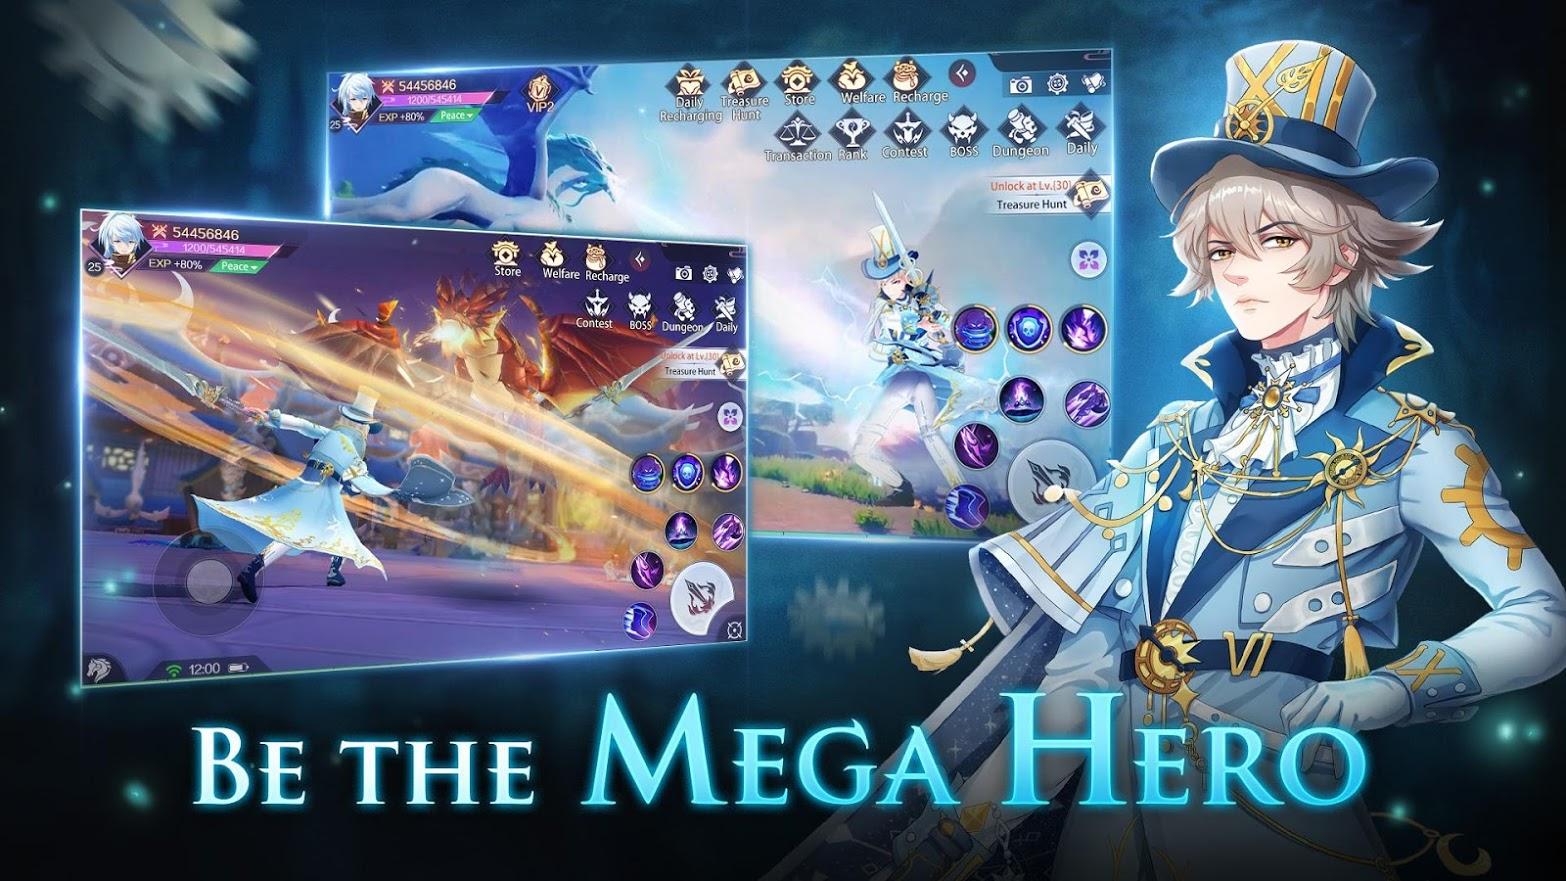 Mega Heroes release